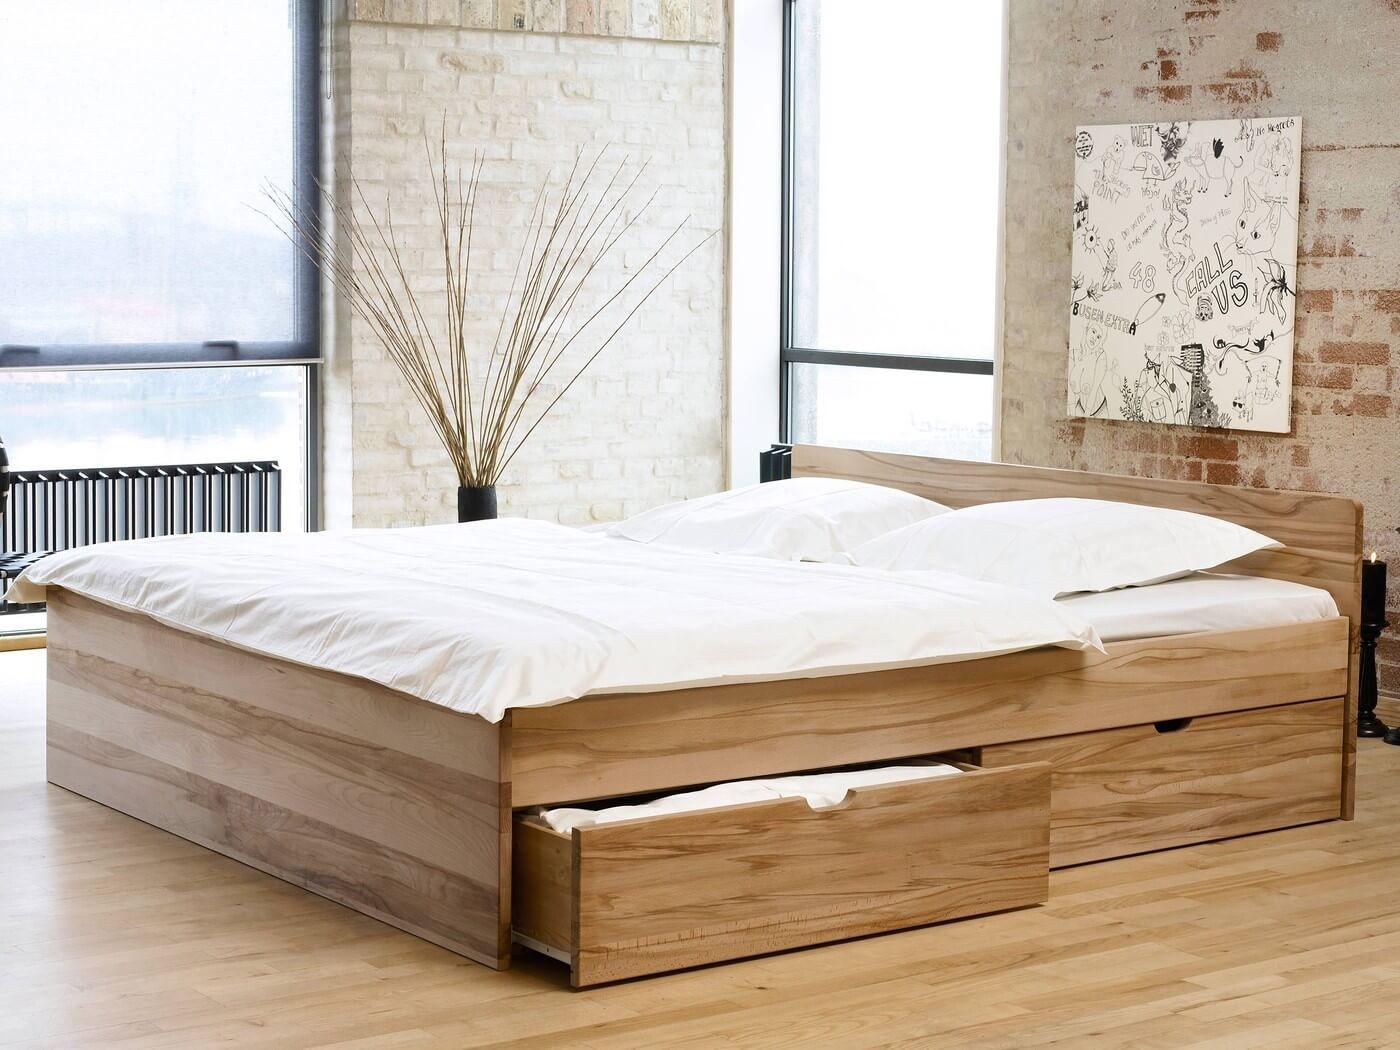 senge ramme Sengerammer → Dette skal du vide før du køber ny sengeramme senge ramme